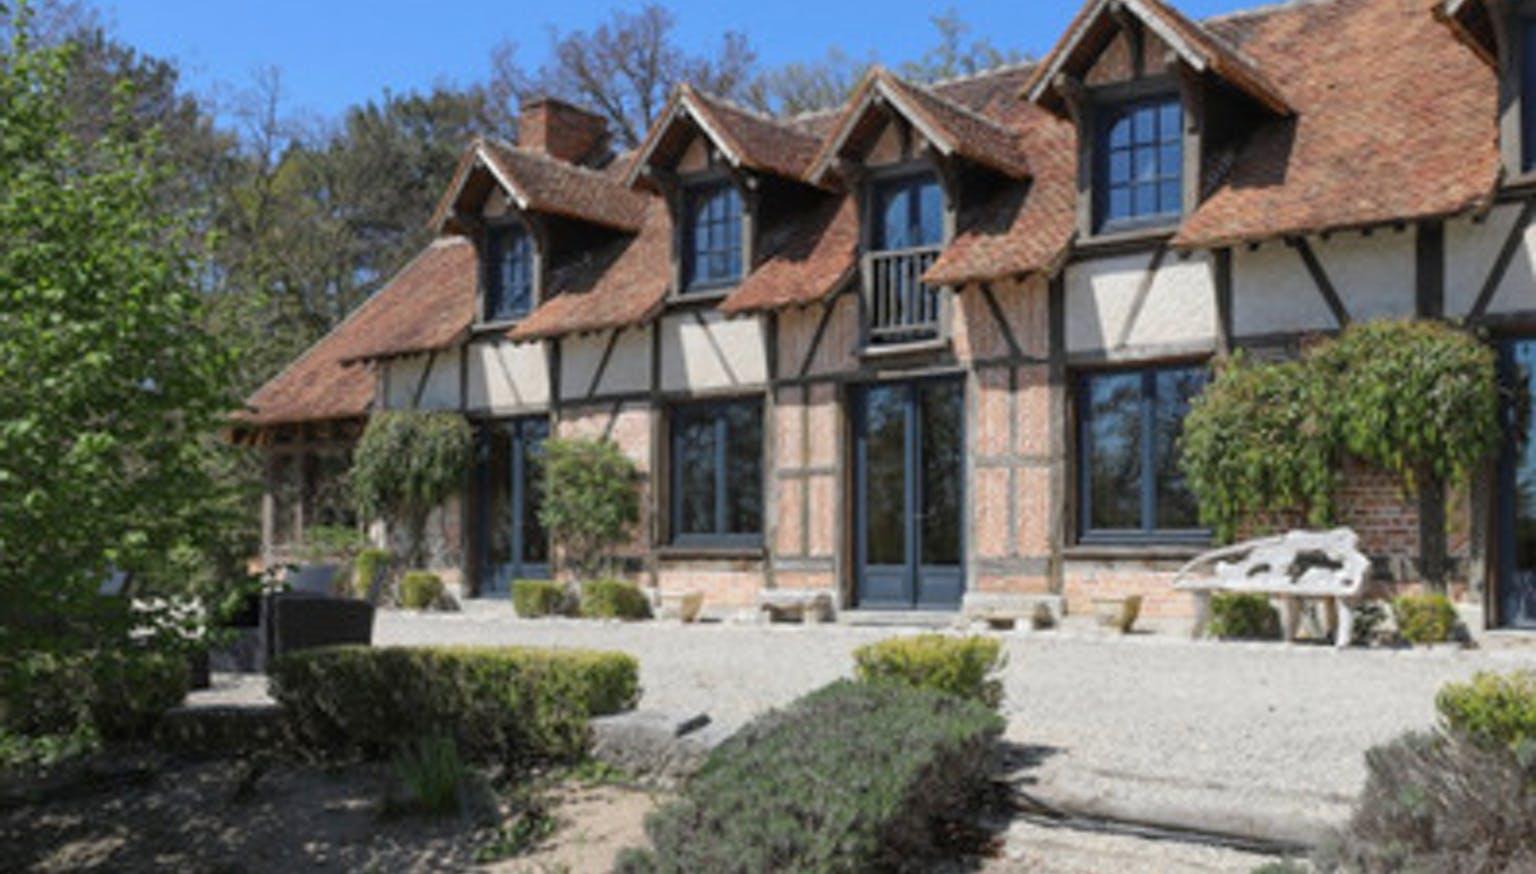 Maison Solognote du 17e siècle Partager